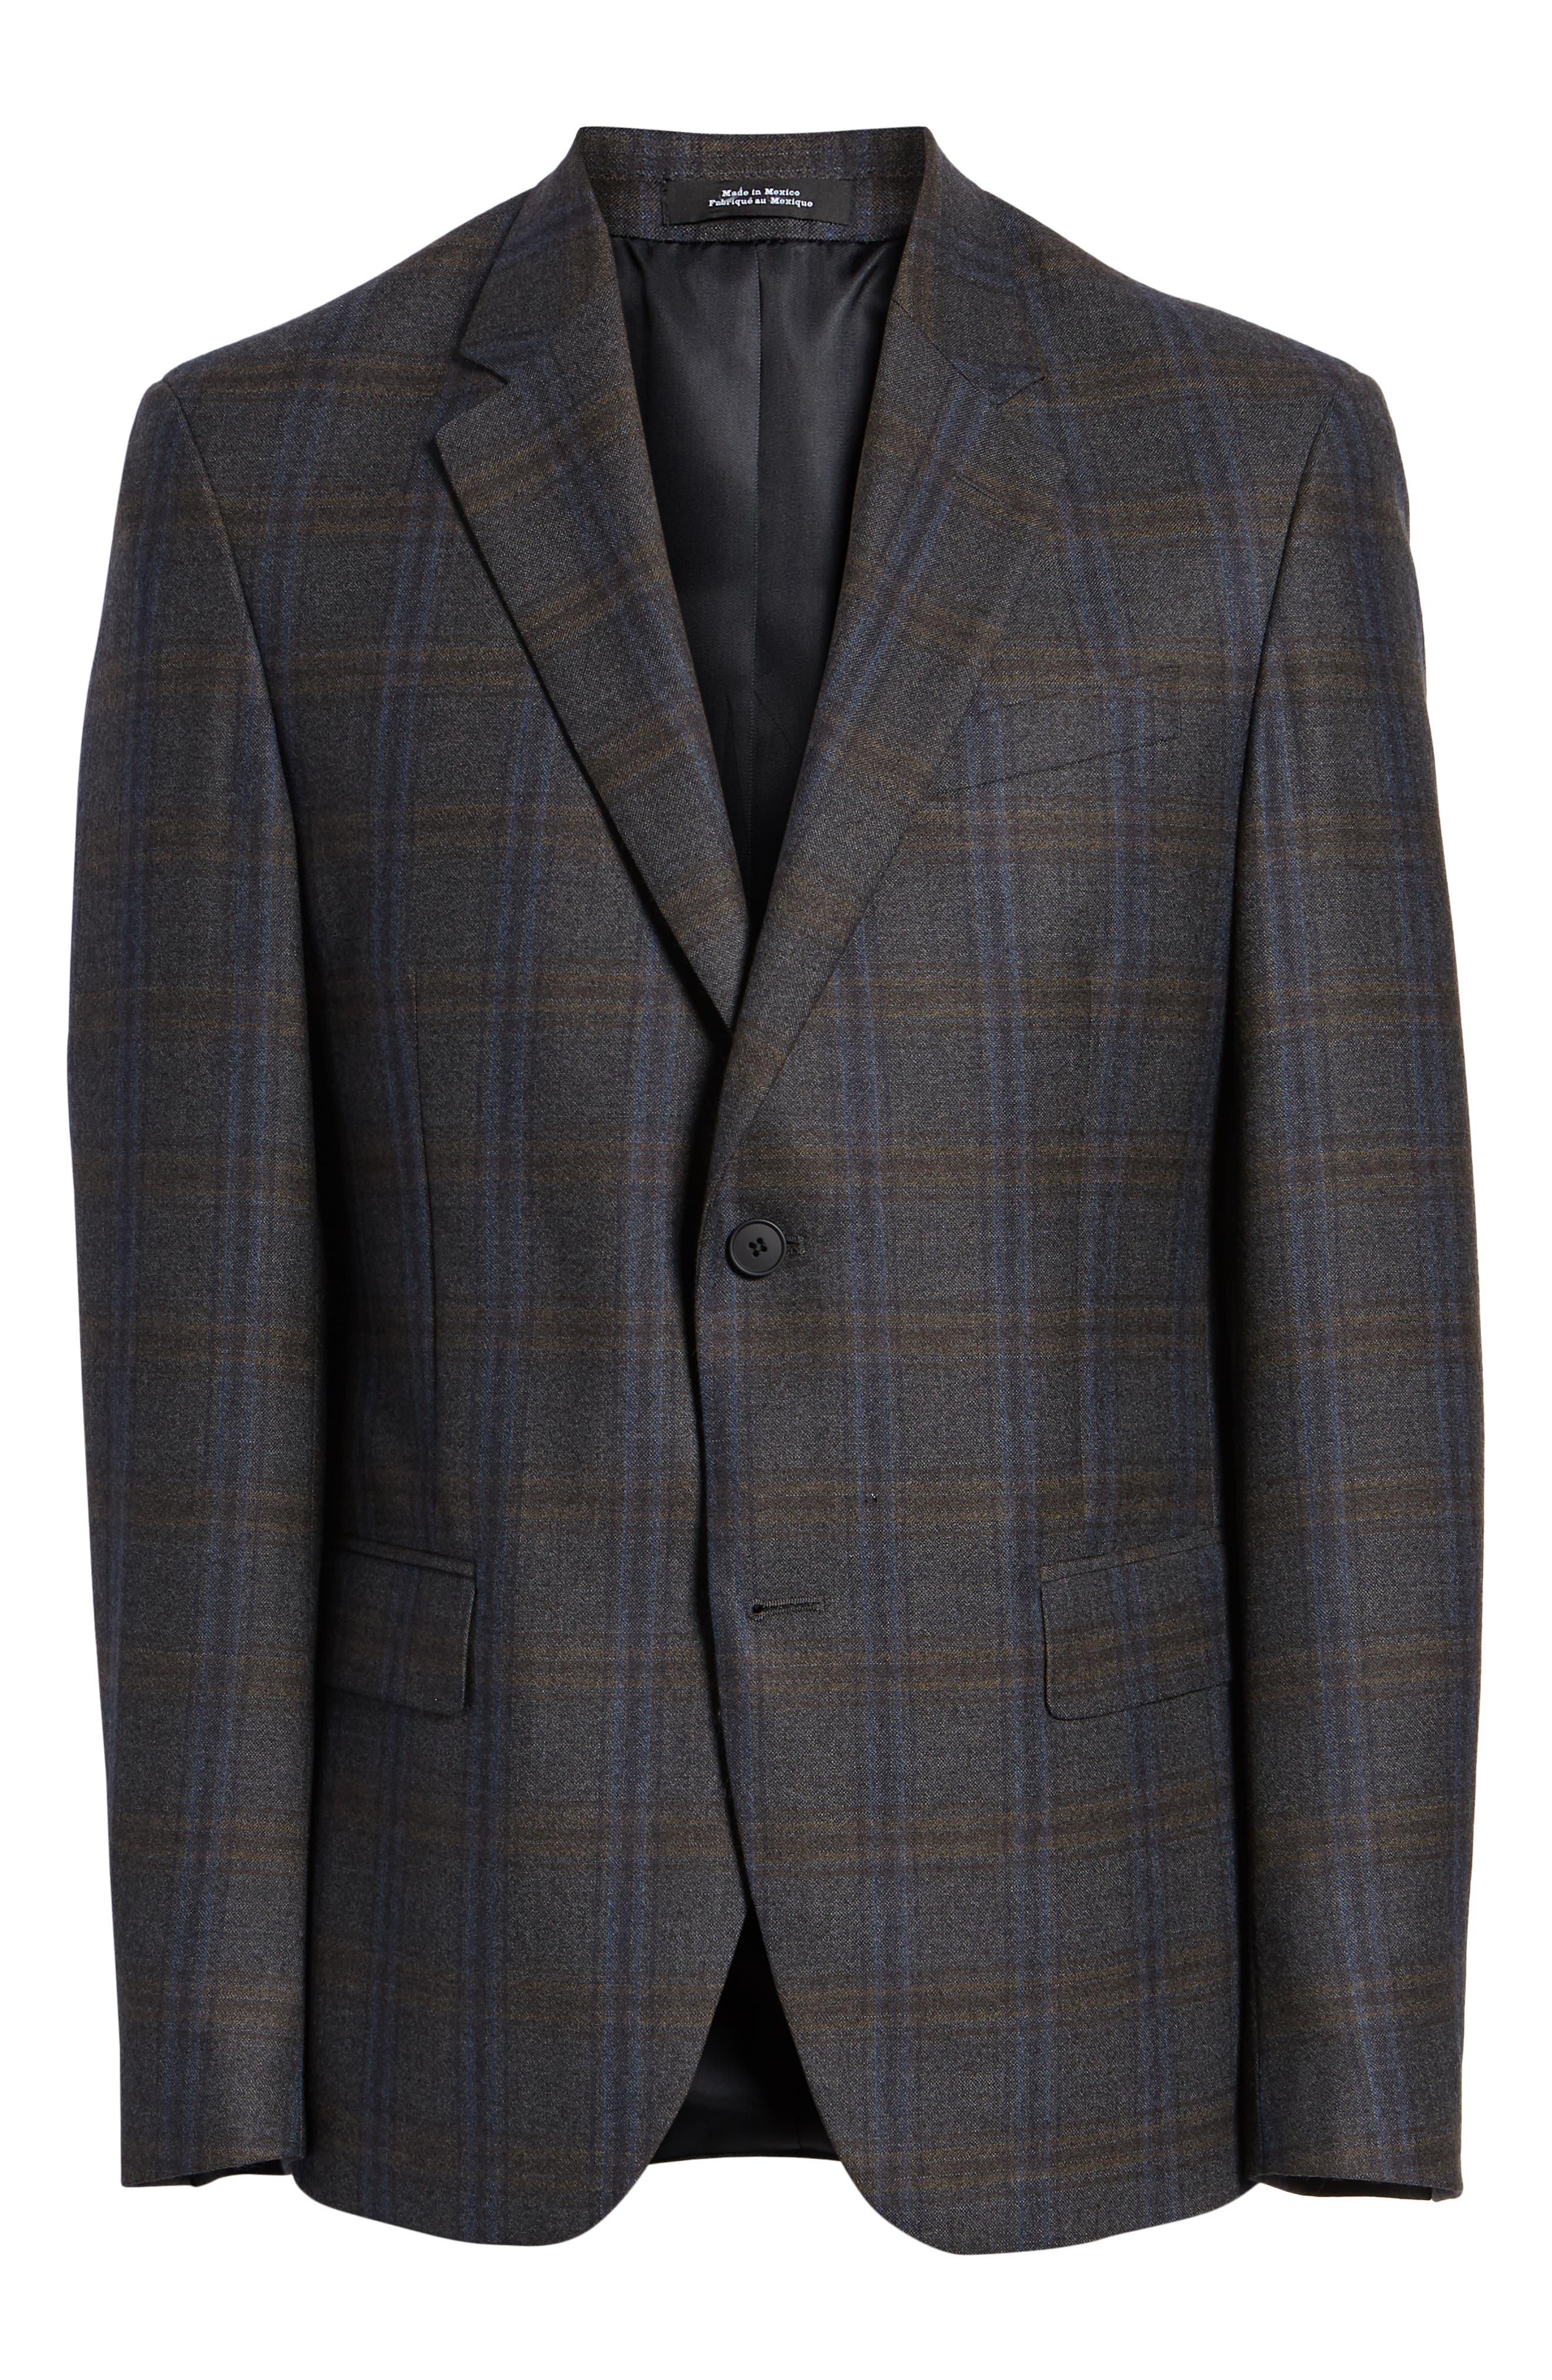 NORDSTROM MEN'S SHOP,                             Trim Fit Plaid Wool Sport Coat,                             Alternate thumbnail 6, color,                             010